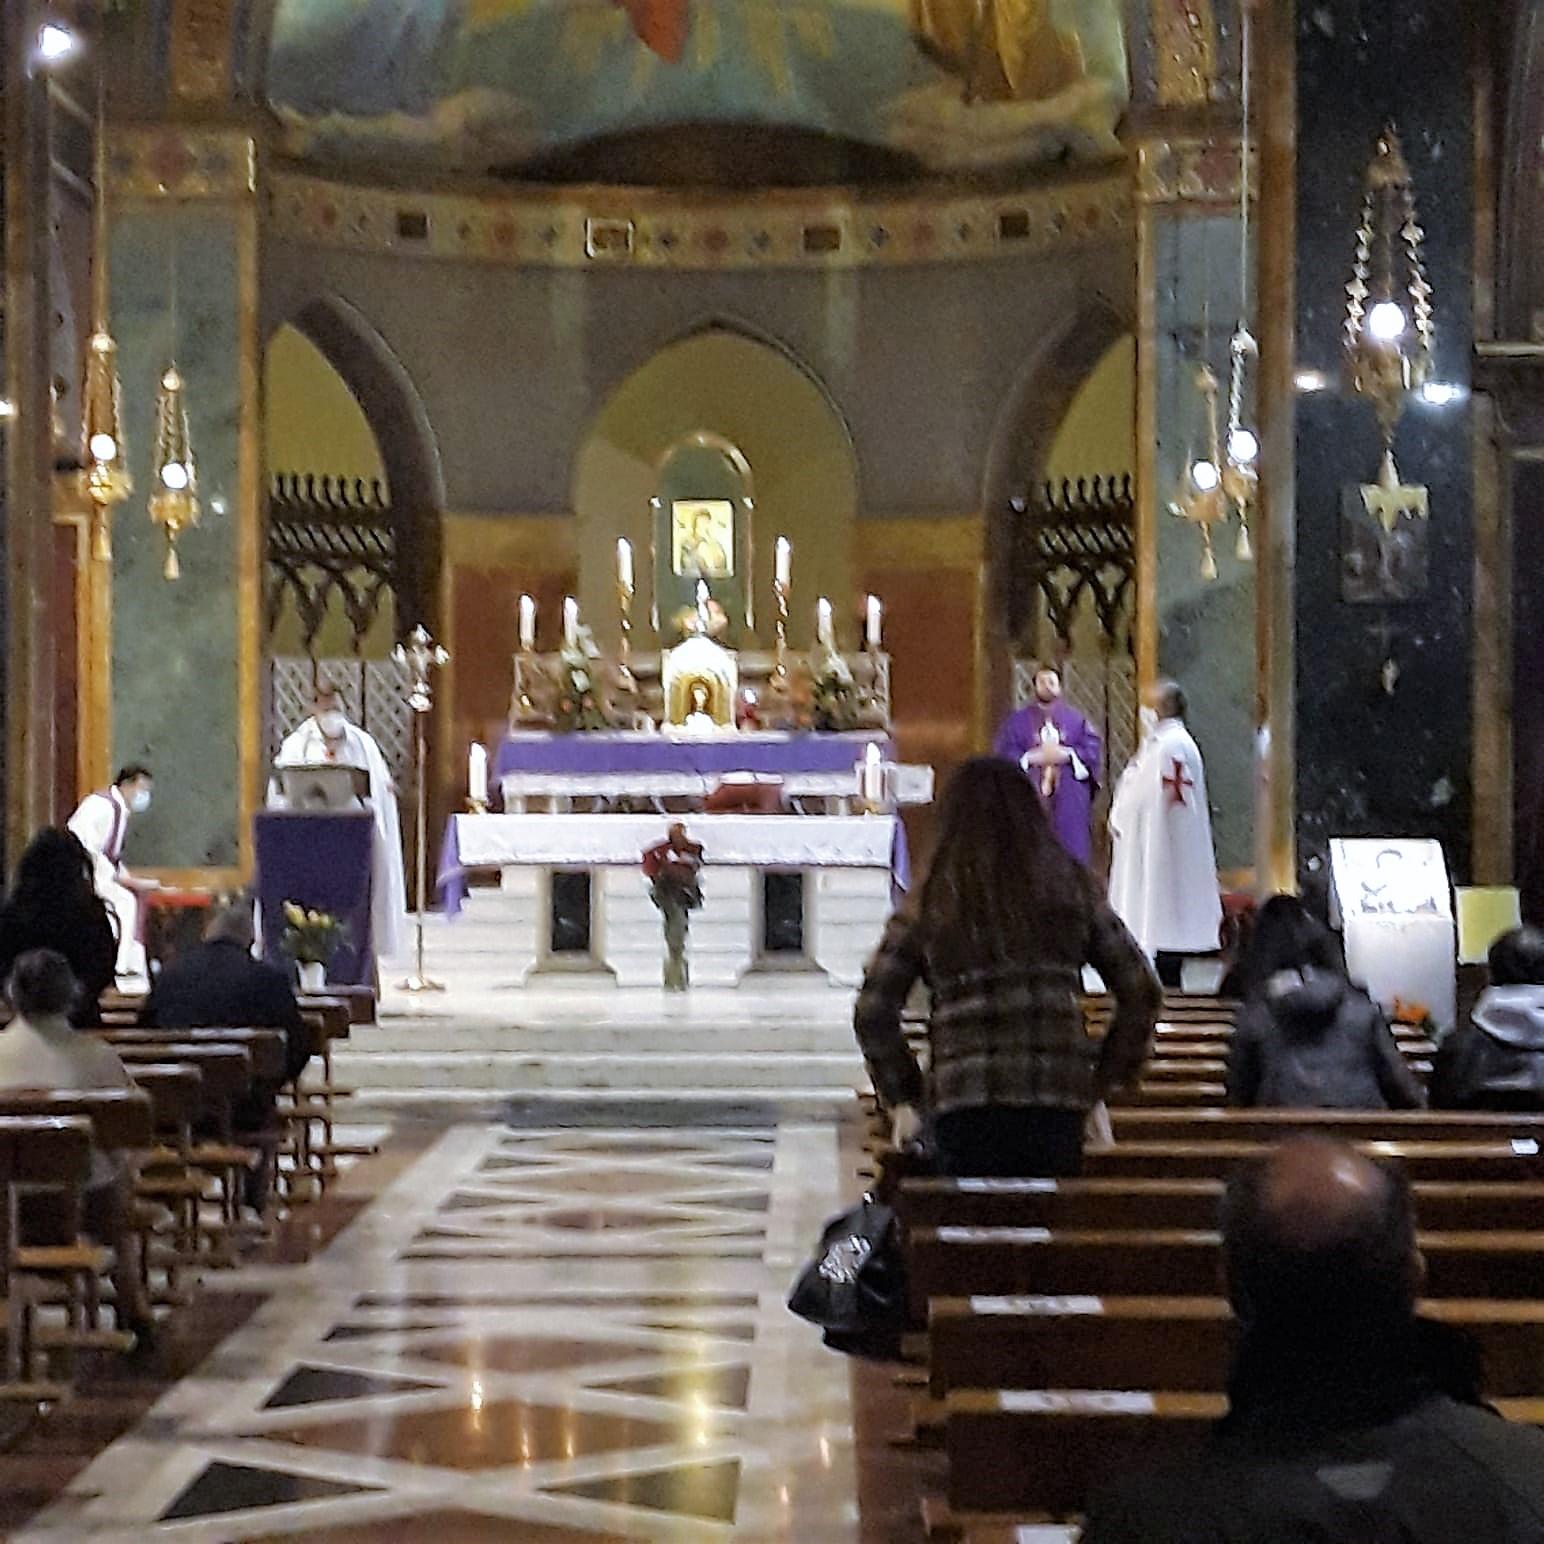 Turno di custodia Chiesa S. Alfonsoall'Esquilino, Santuario Madonna del Perpetuo Soccorso,  Roma 21.02.2021